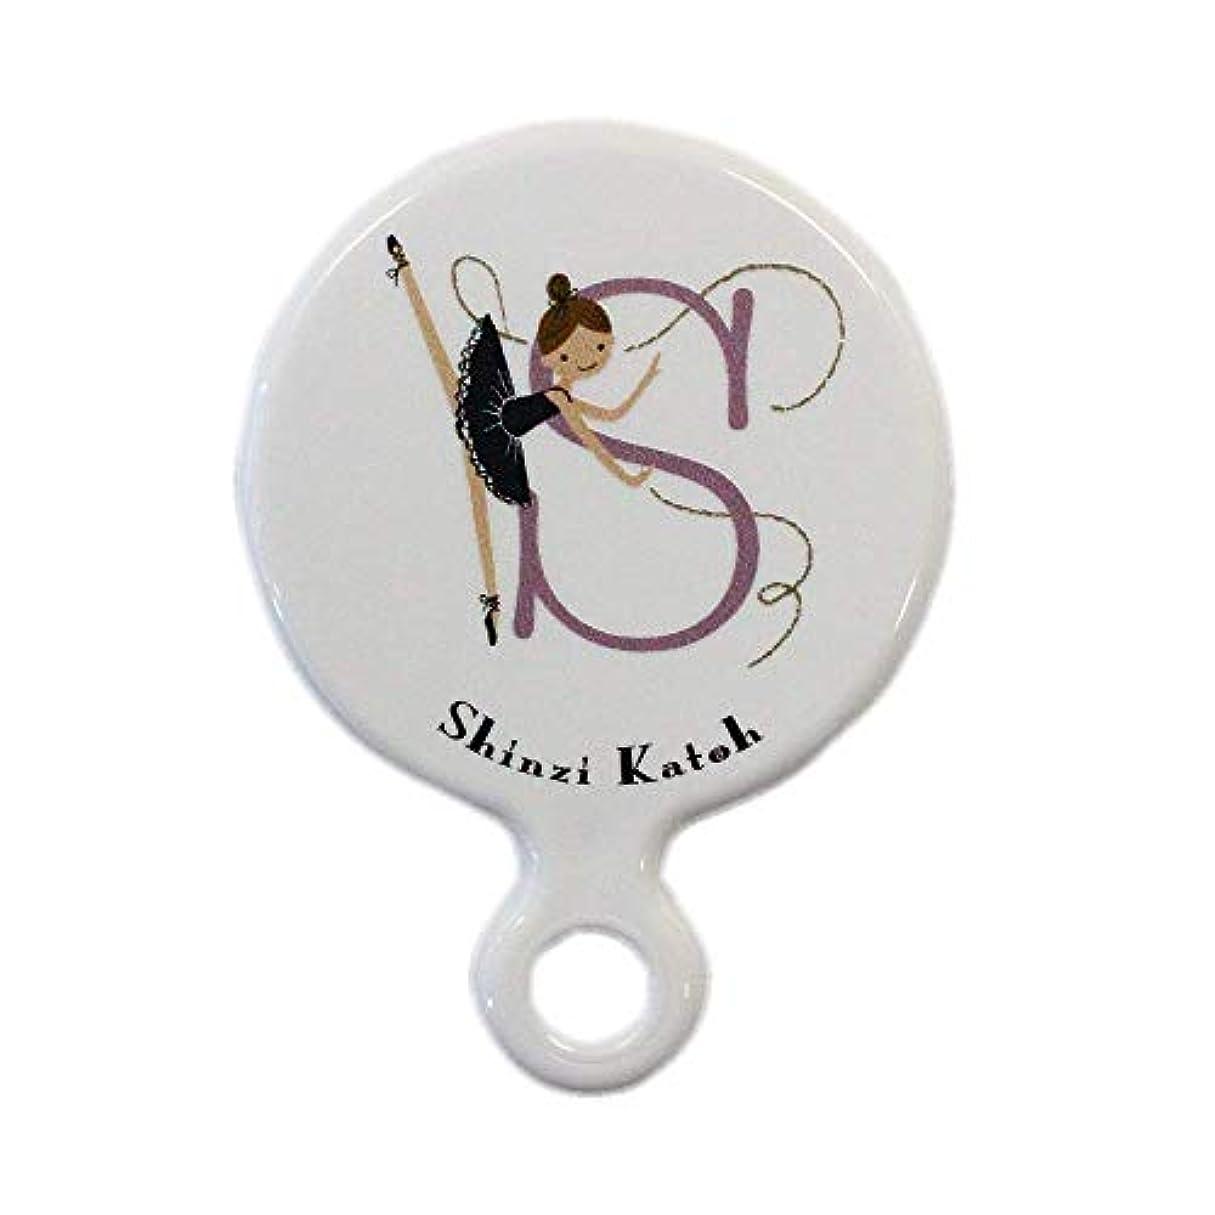 熱心なボリュームお手伝いさんShinzi Katoh プチミラー(ballet S)PMR1010